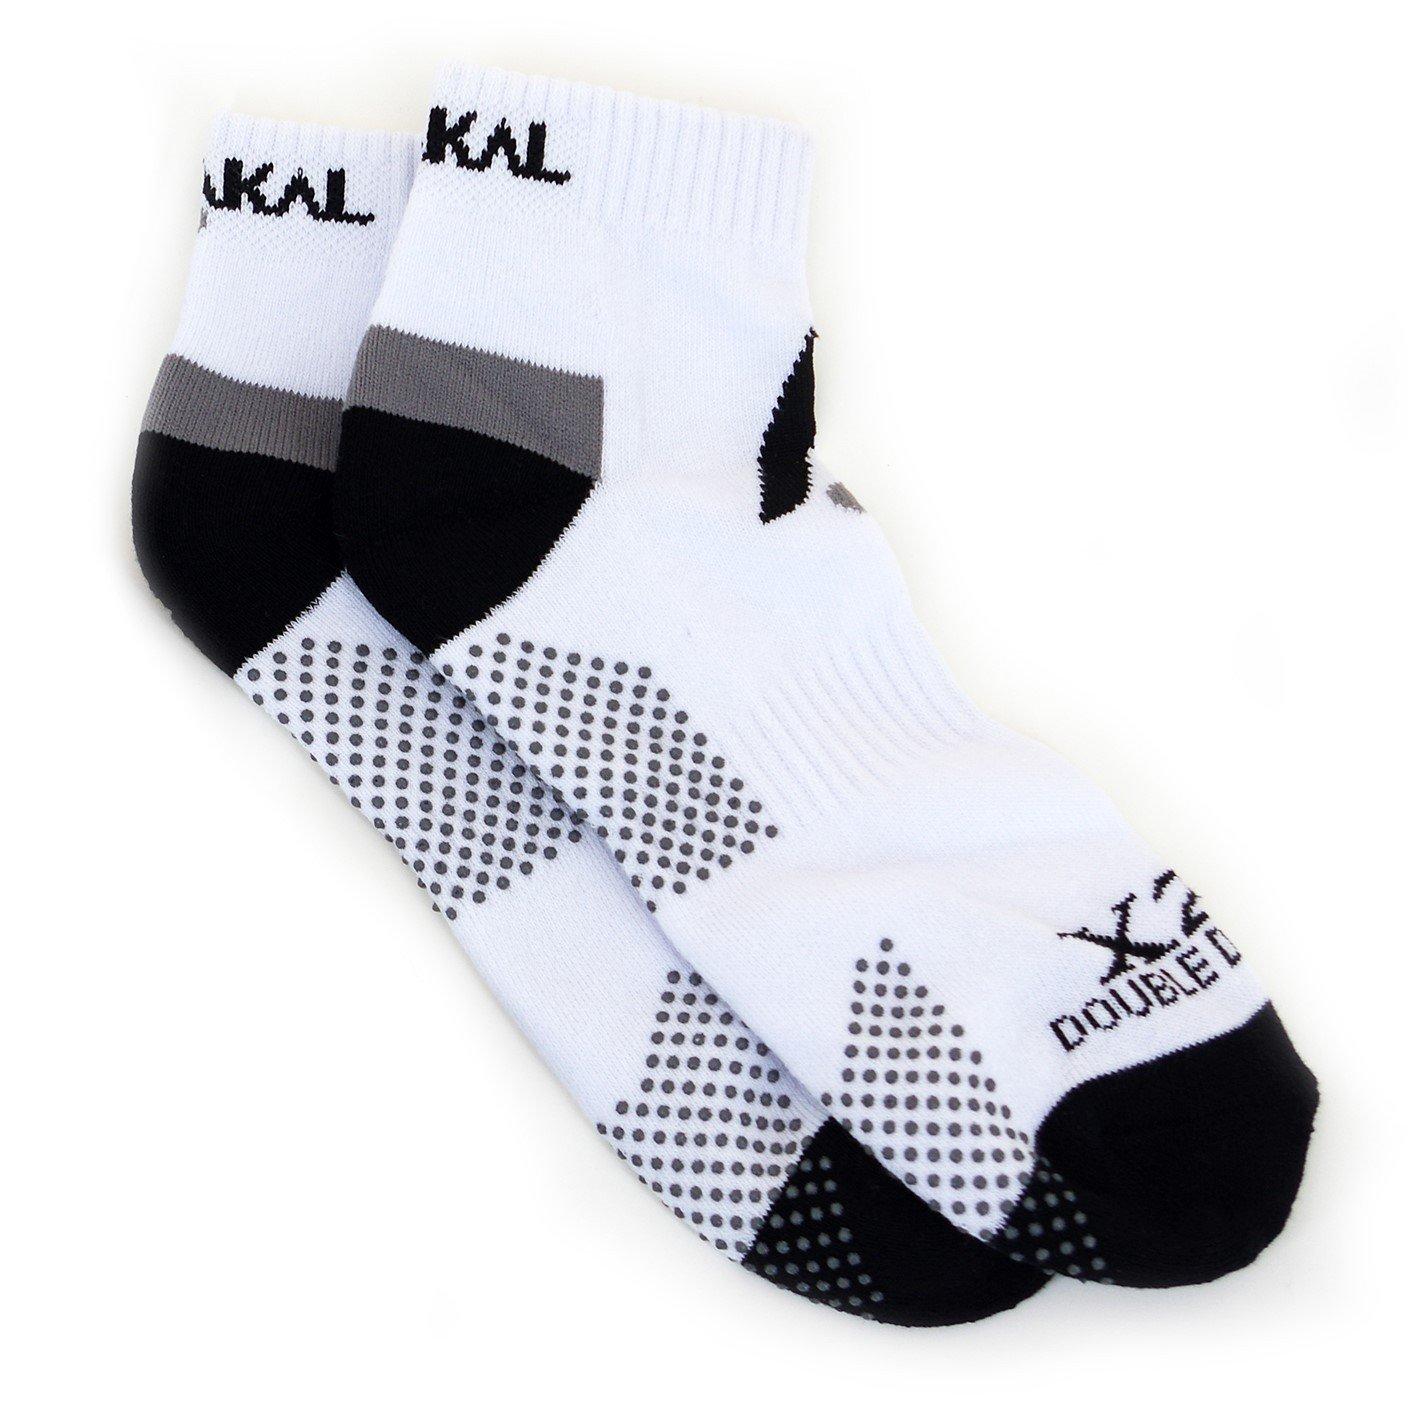 Karakal X2+ Mens Trainer Socks - White and Black